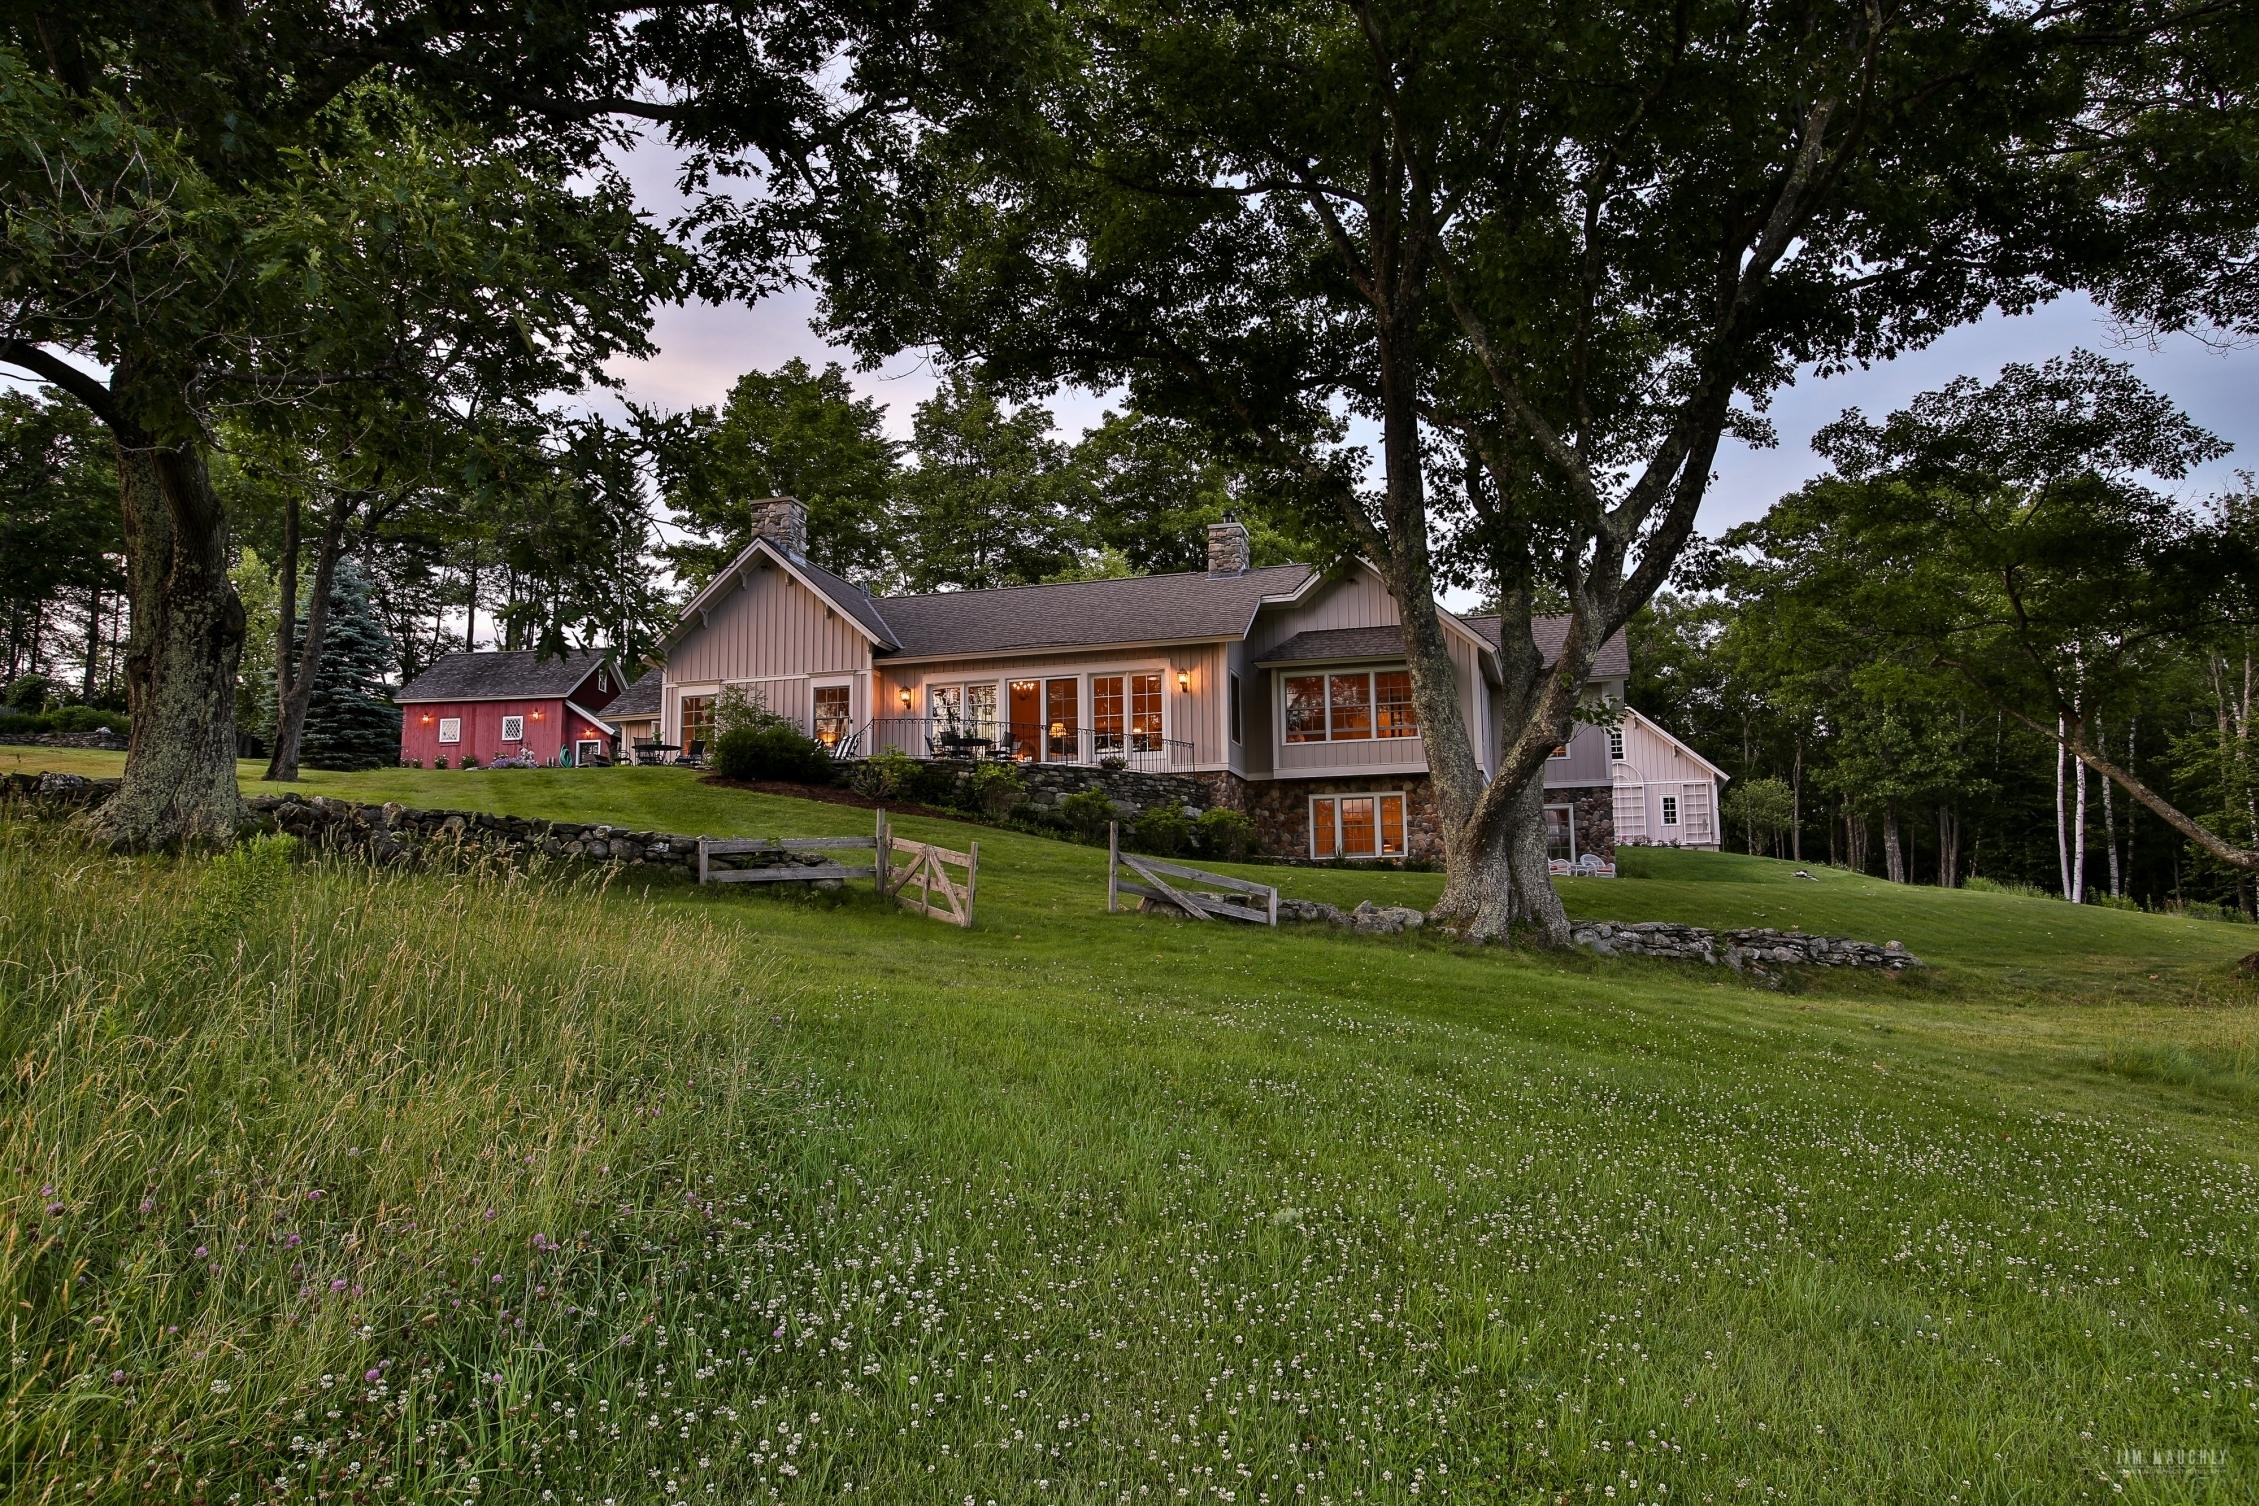 Maison unifamiliale pour l Vente à 398 Bradley Hill Road, Norwich 398 Bradley Hill Rd Norwich, Vermont, 05055 États-Unis